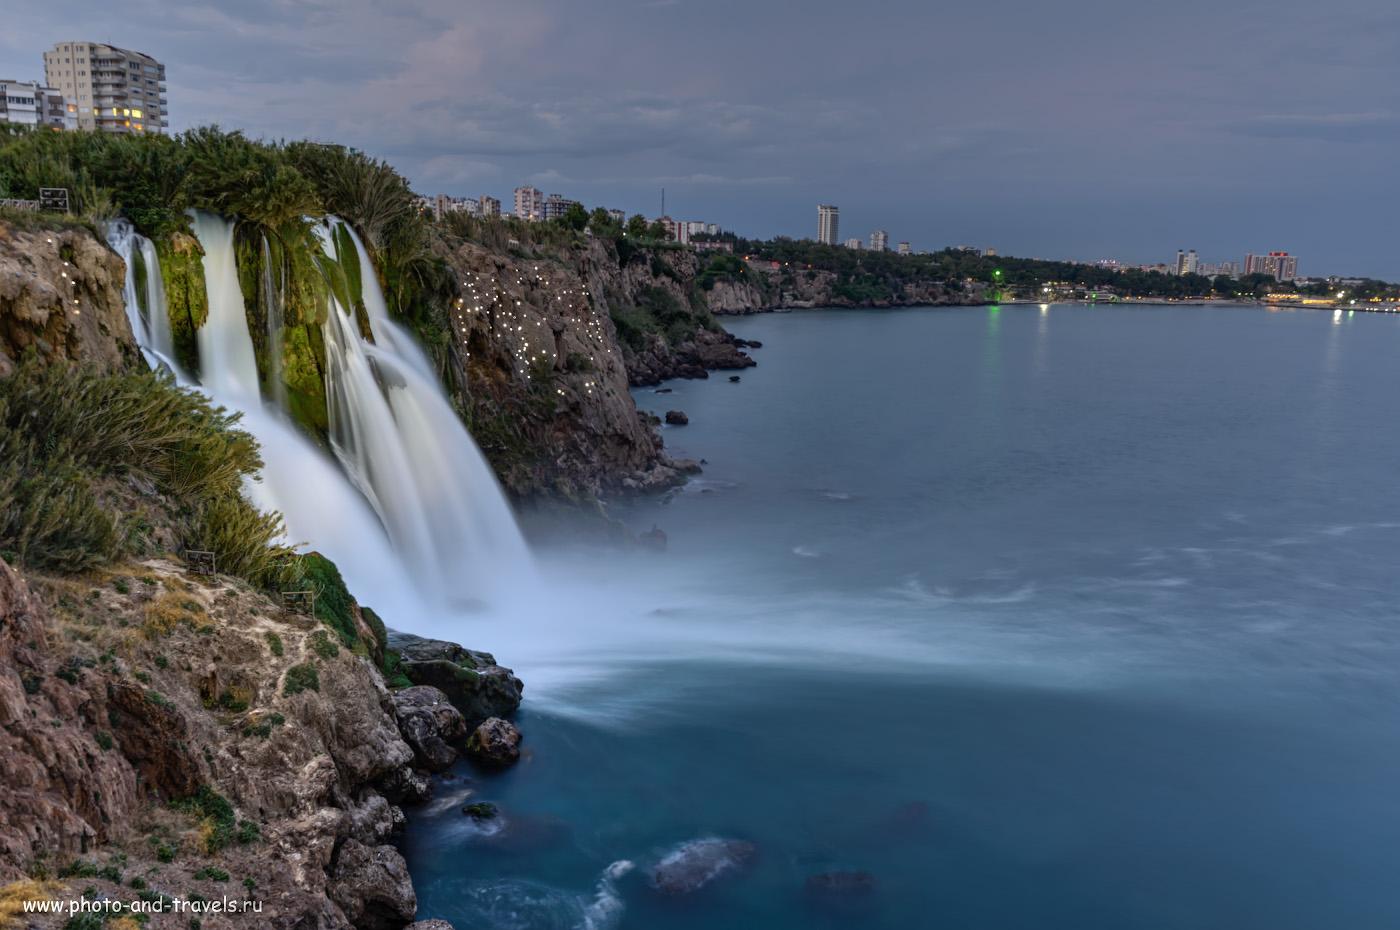 Фото 8. Нижний Дюденский водопад (Düden Şelalesi) – одна из визитных карточек Анталии. Какие интересные достопримечательности можно увидеть в этом курорте. Отзывы туристов об отдыхе в Турции в мае. Настройки: 5 сек., f/8.0, ISO 100, 28.